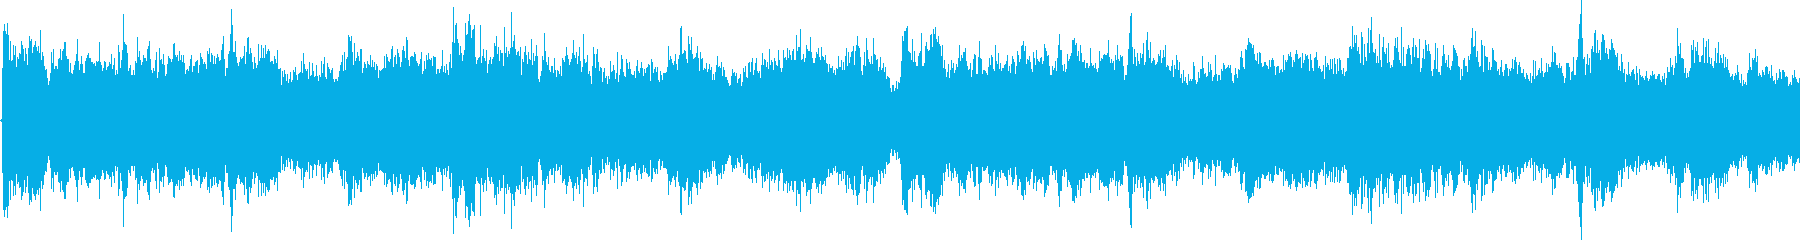 壮大なイメージのBGM_A1[LOOP]の再生済みの波形